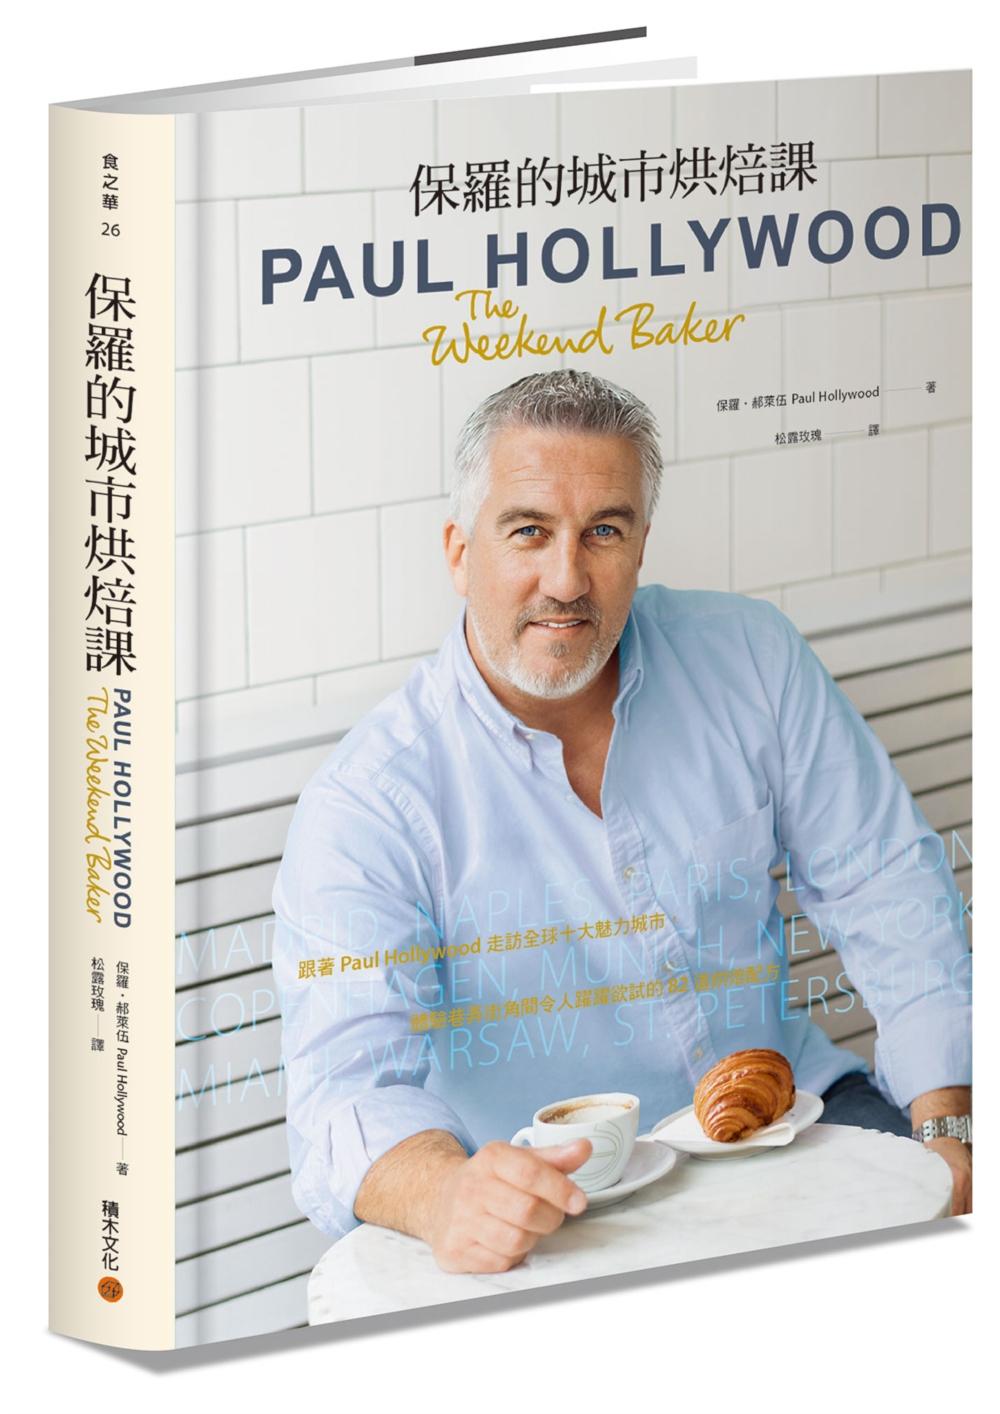 保羅的城市烘焙課:跟著Paul Hollywood走訪全球十大魅力城市,體驗巷弄街角間令人躍躍欲試的82道烘焙配方